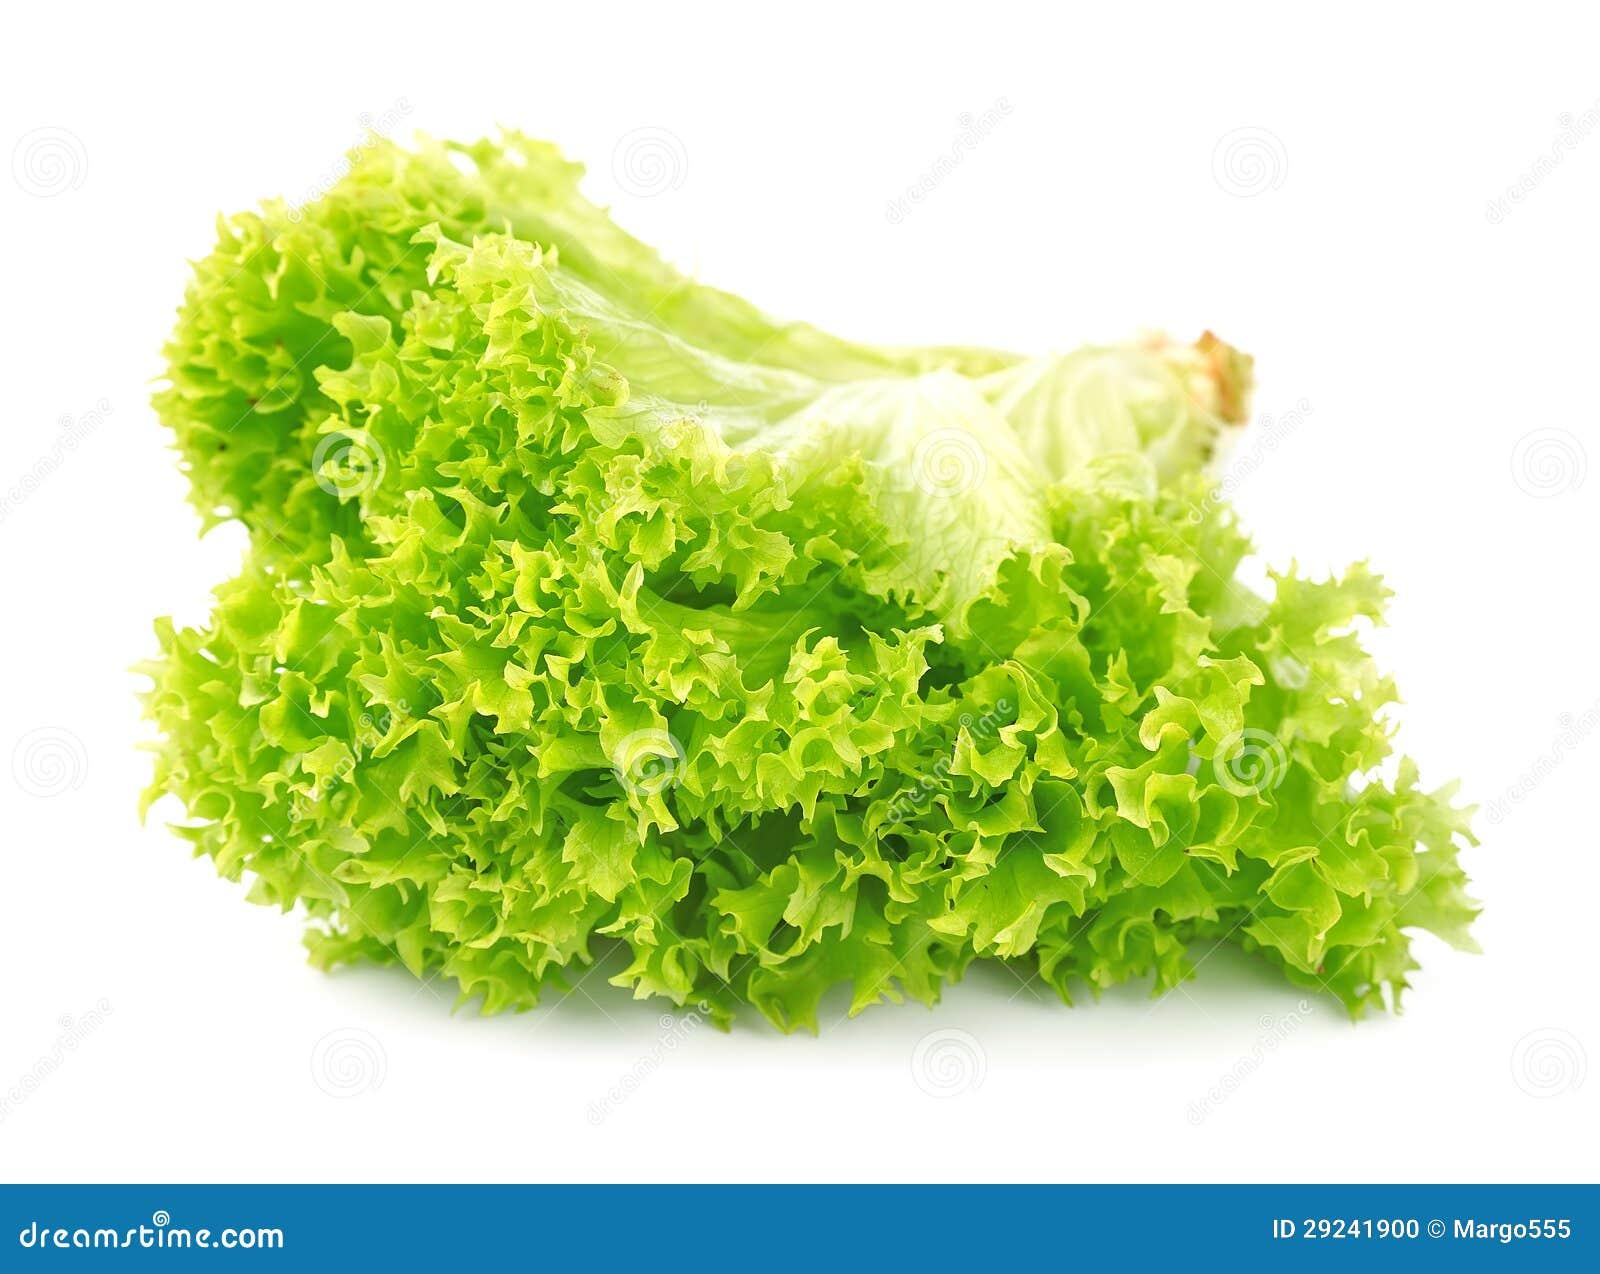 Download Alface da salada foto de stock. Imagem de lush, folha - 29241900